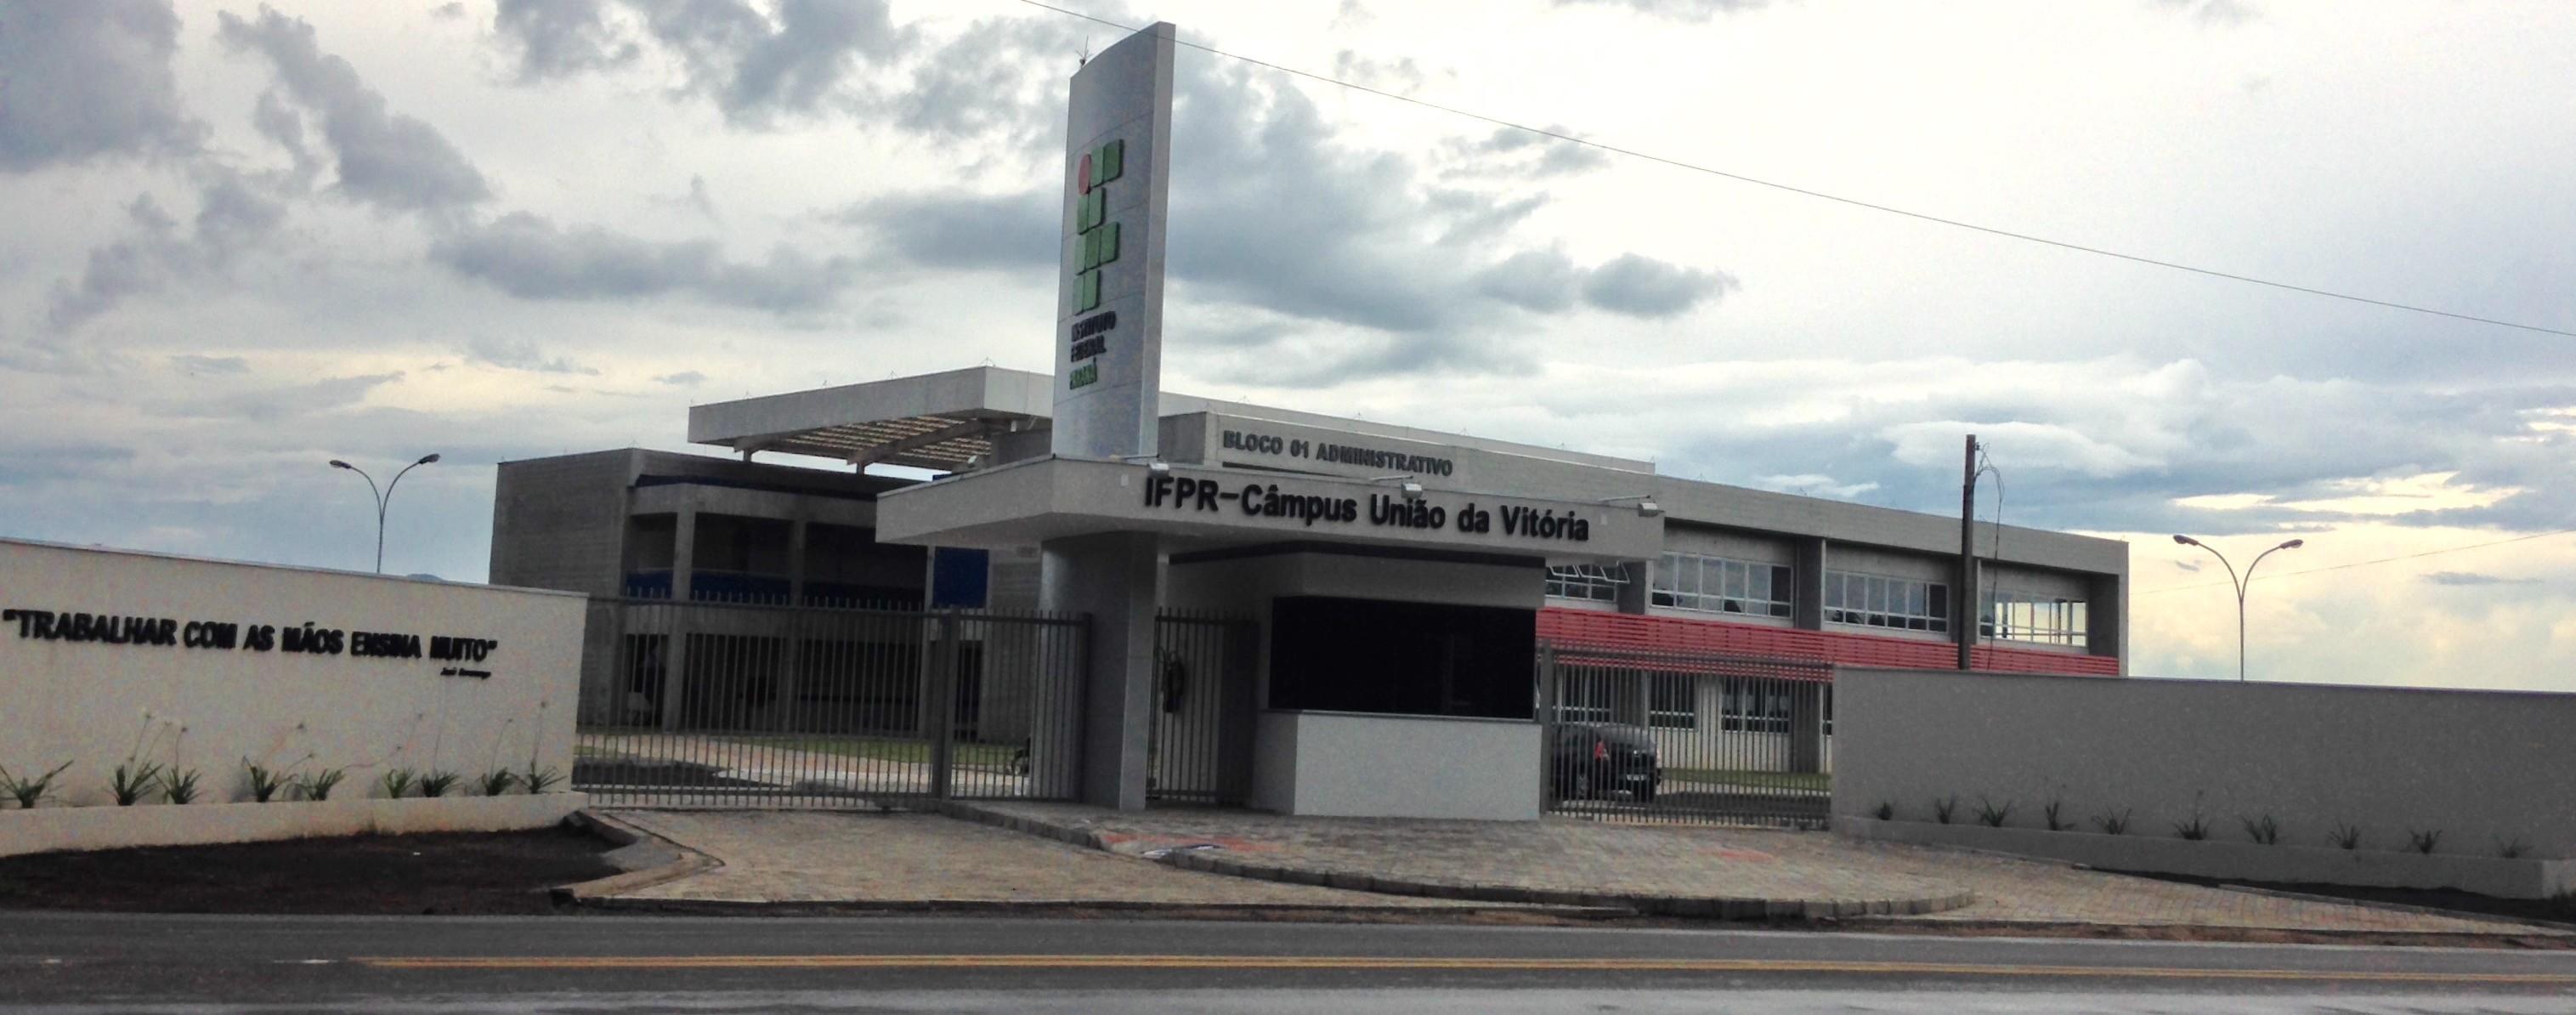 IFPR divulga locais de provas da seleção para cursos presenciais